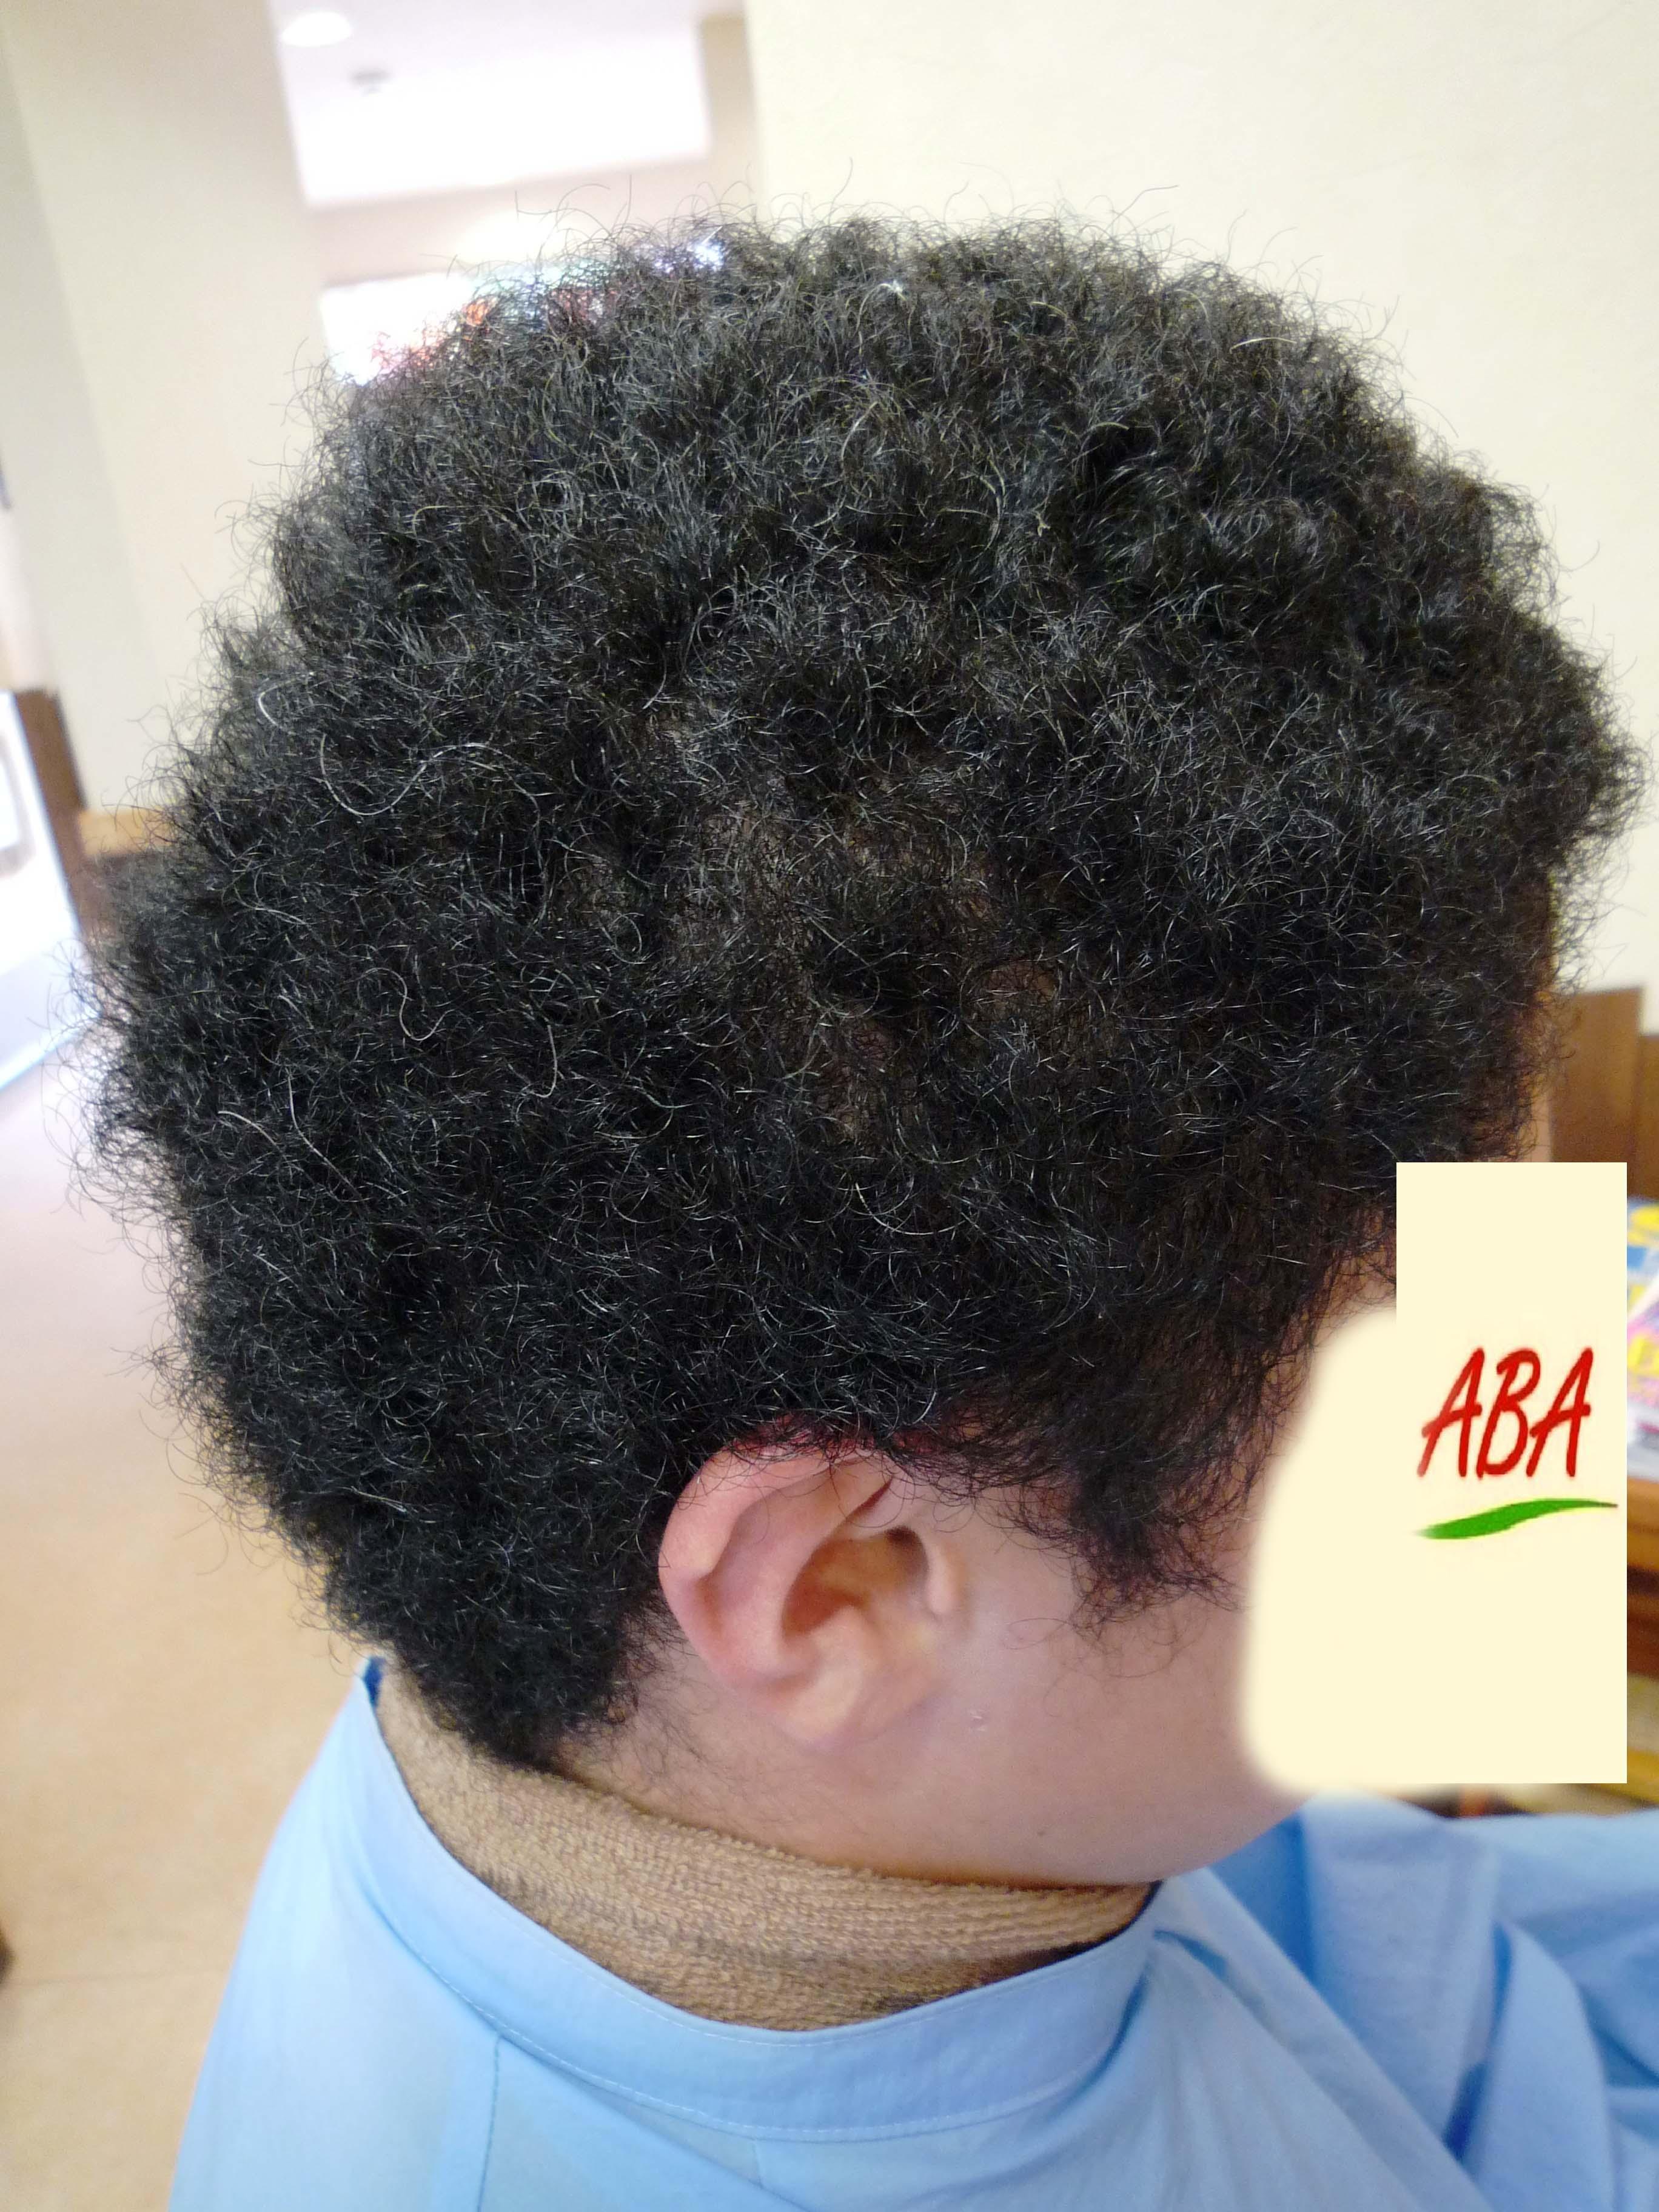 毛 チリチリ 縮 矯正 【最新】縮毛矯正の毛先ダメージを改善!はねる、パサパサ、チリチリ対策 現役美容師がみんなの美容に関する悩みを解決!